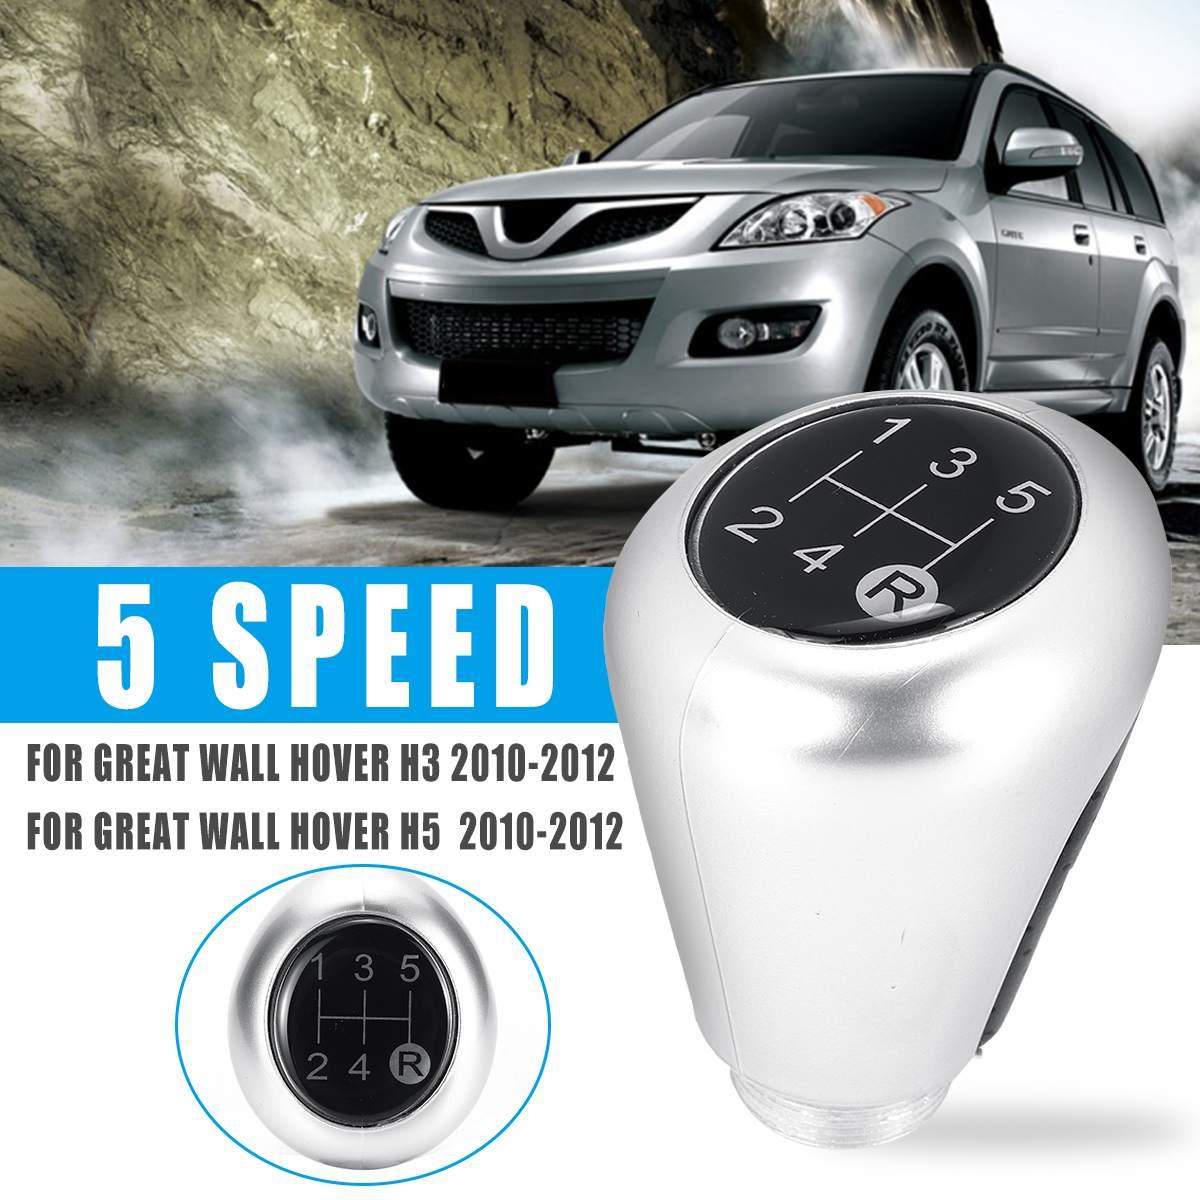 Prateado liga de alumínio 5 velocidade botão de engrenagem do carro tampa da alavanca de deslocamento cabeça capa para great wall hover h3 h5 carro shifter 2010 ~ 2012